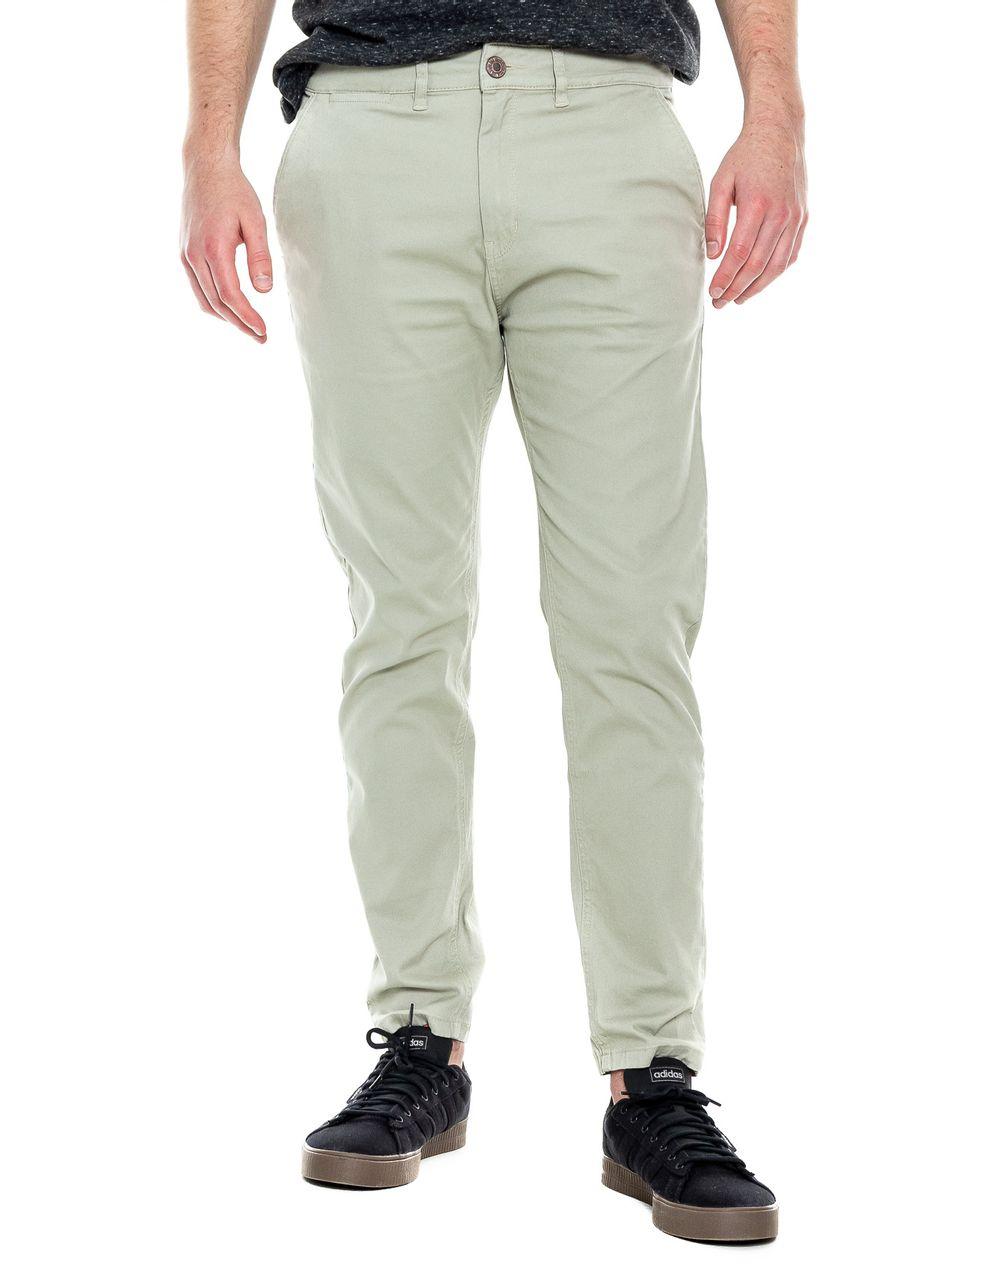 pantalon-042401-crudo-1.jpg